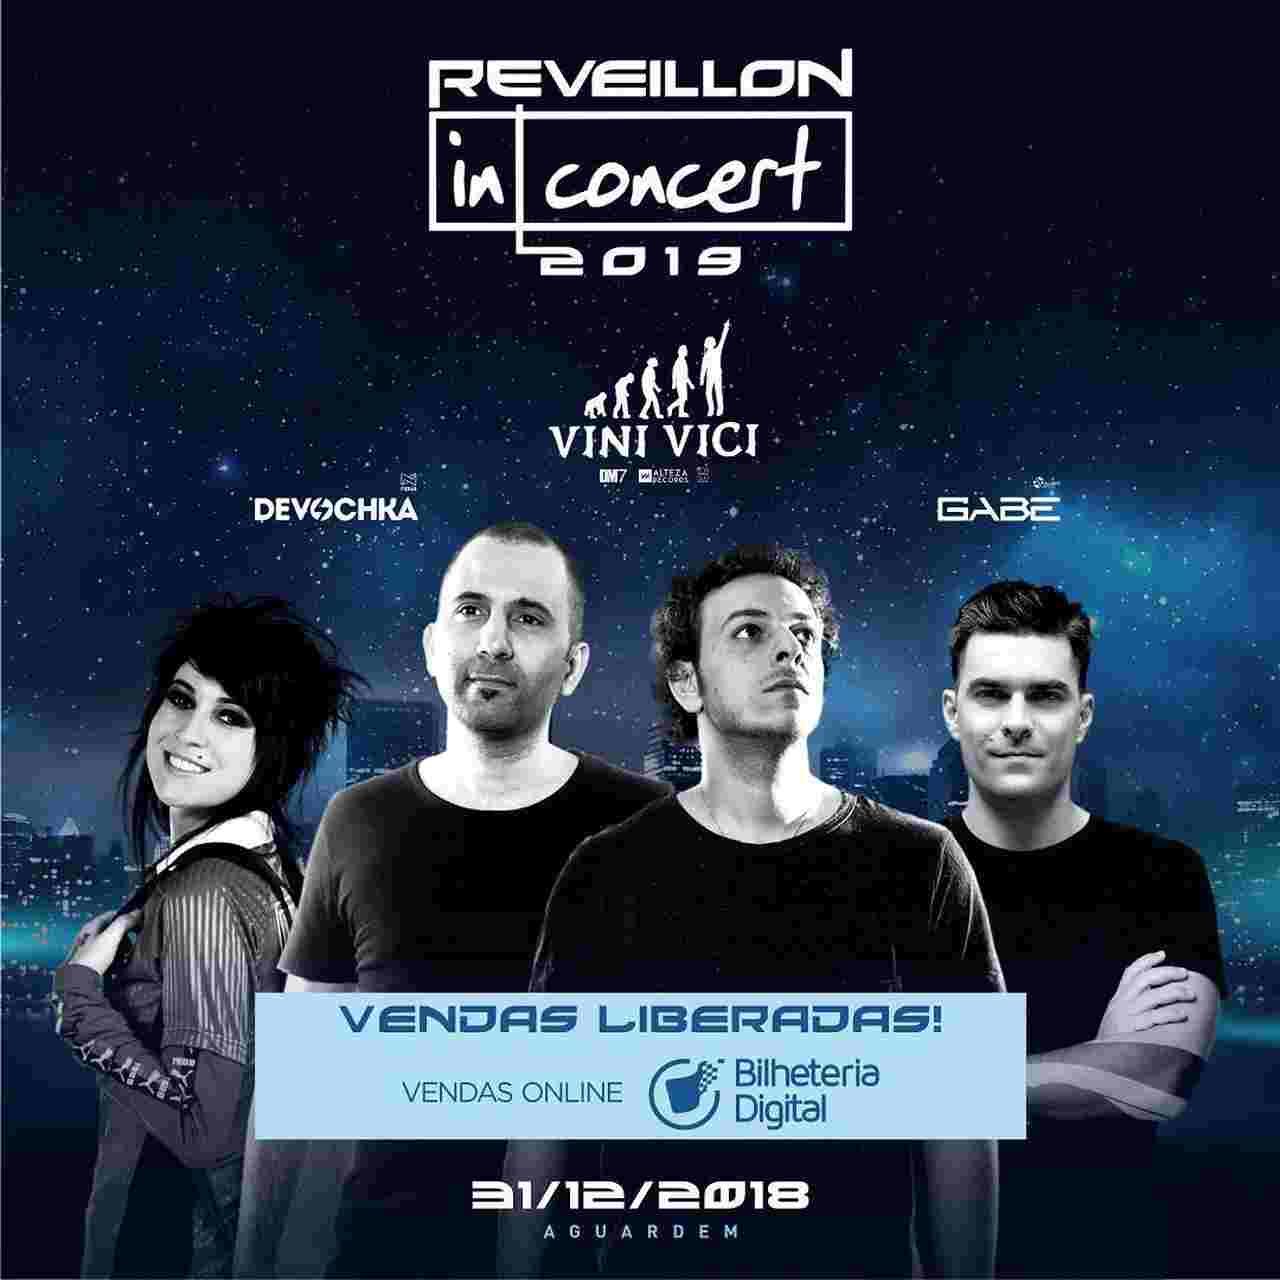 Réveillon 2019 em Goiânia: Réveillon In Concert 2019 terá muita música eletrônica | Foto: Divulgação